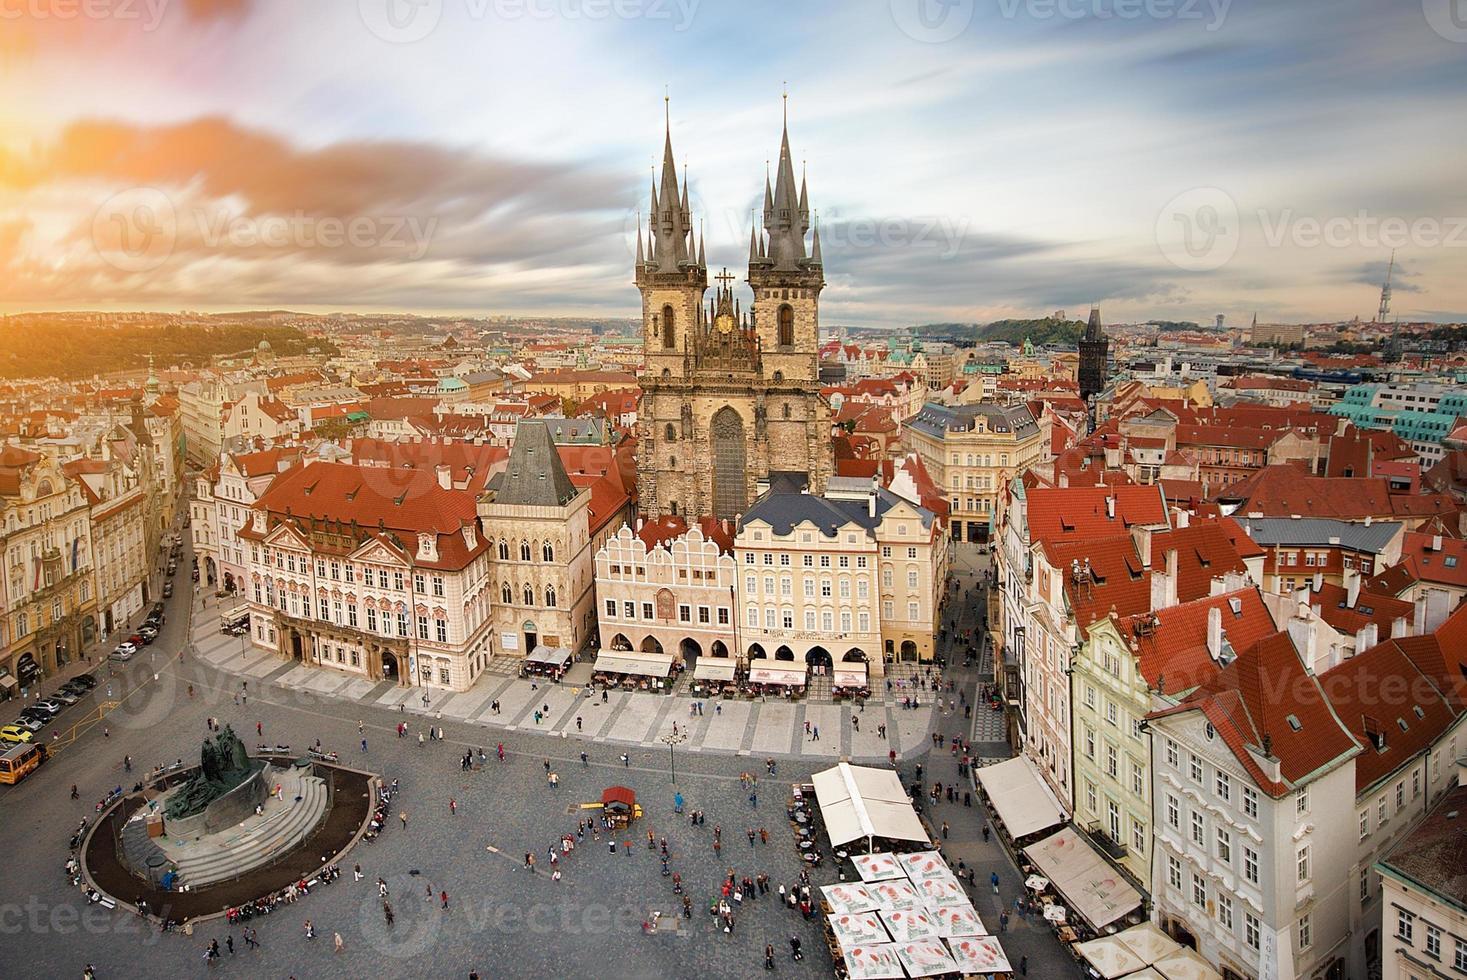 Vista del antiguo mercado de la ciudad de Praga, República Checa. foto